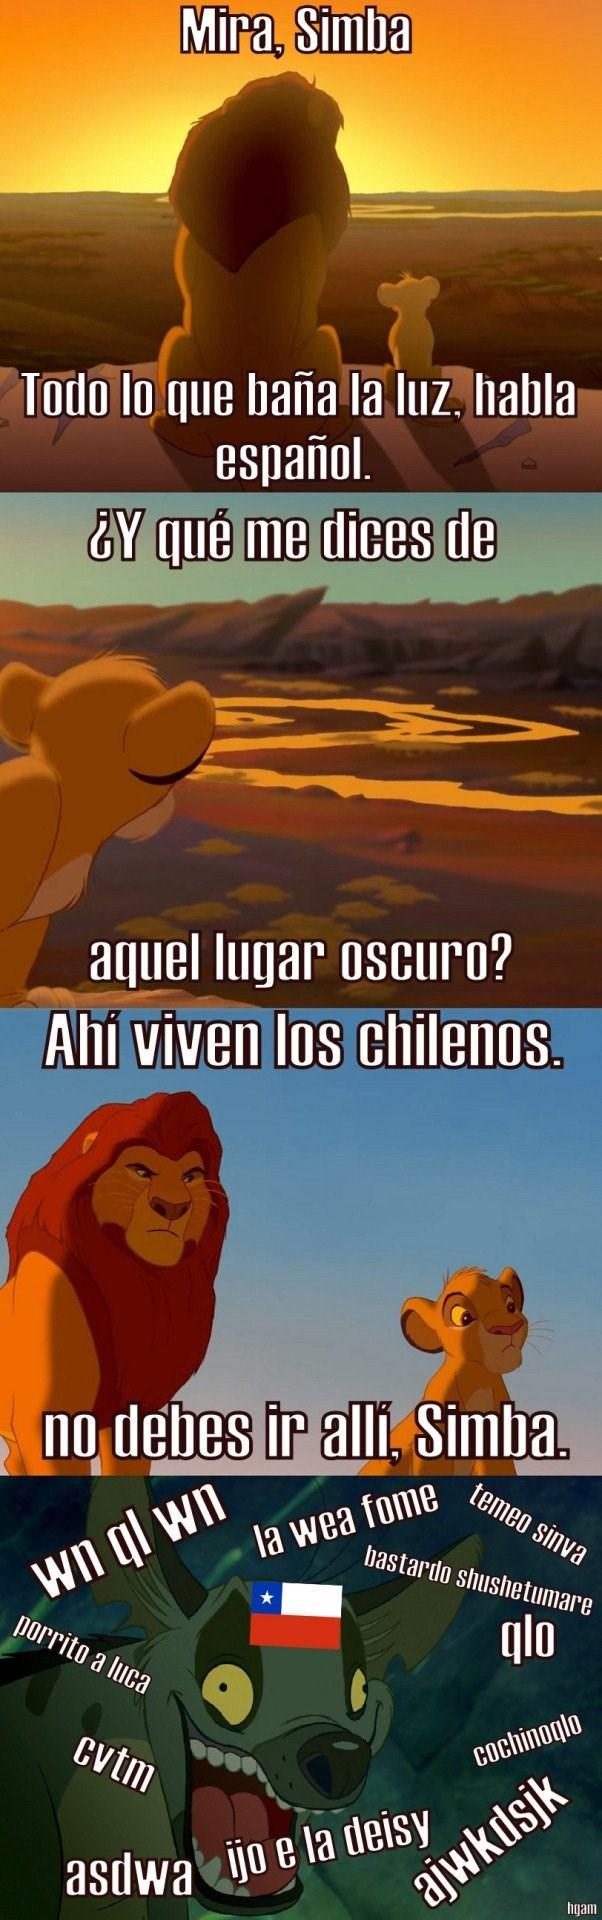 se habla espanol